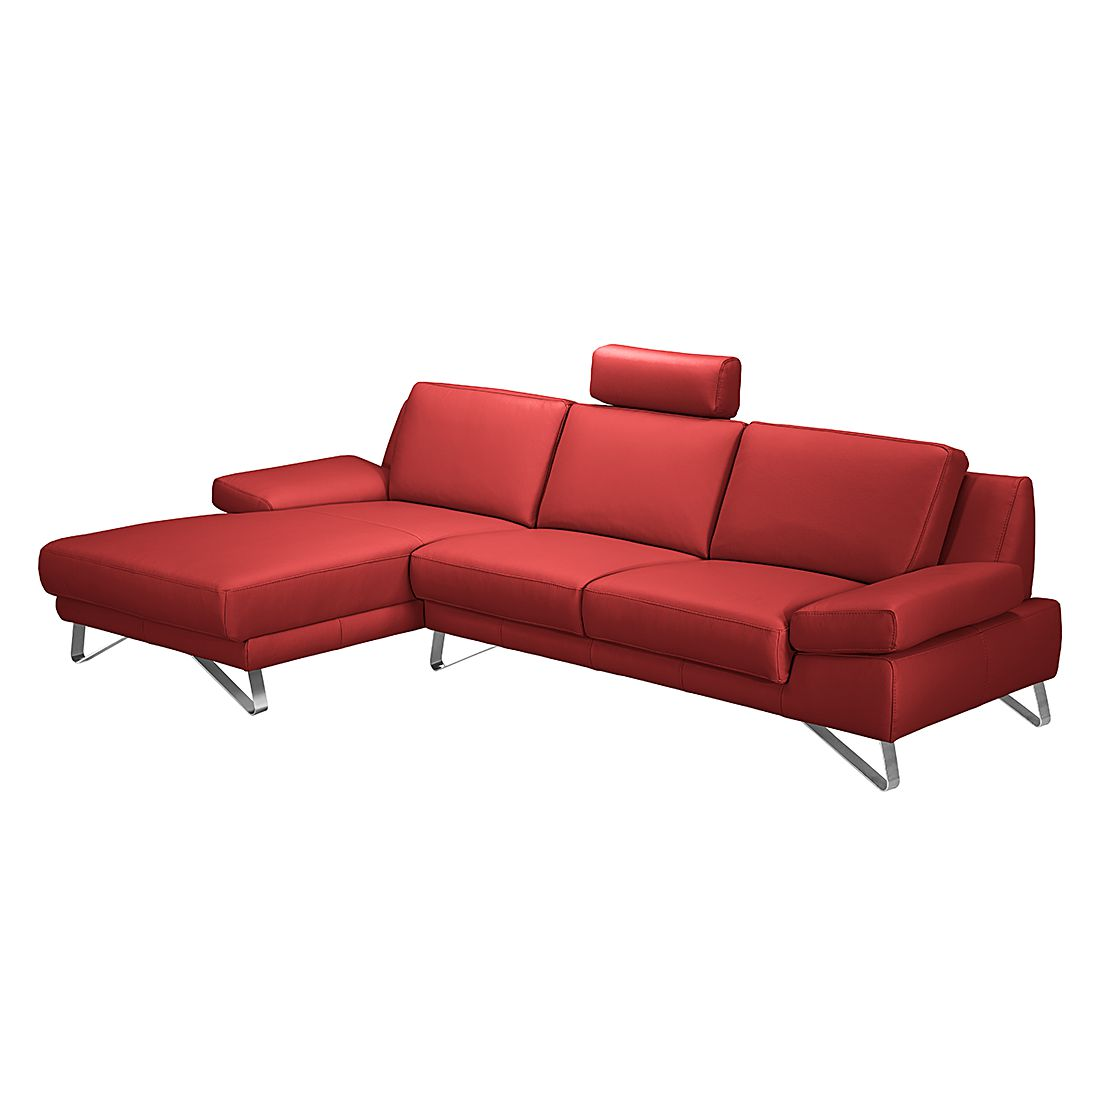 ecksofa valley inspirierendes design f r. Black Bedroom Furniture Sets. Home Design Ideas